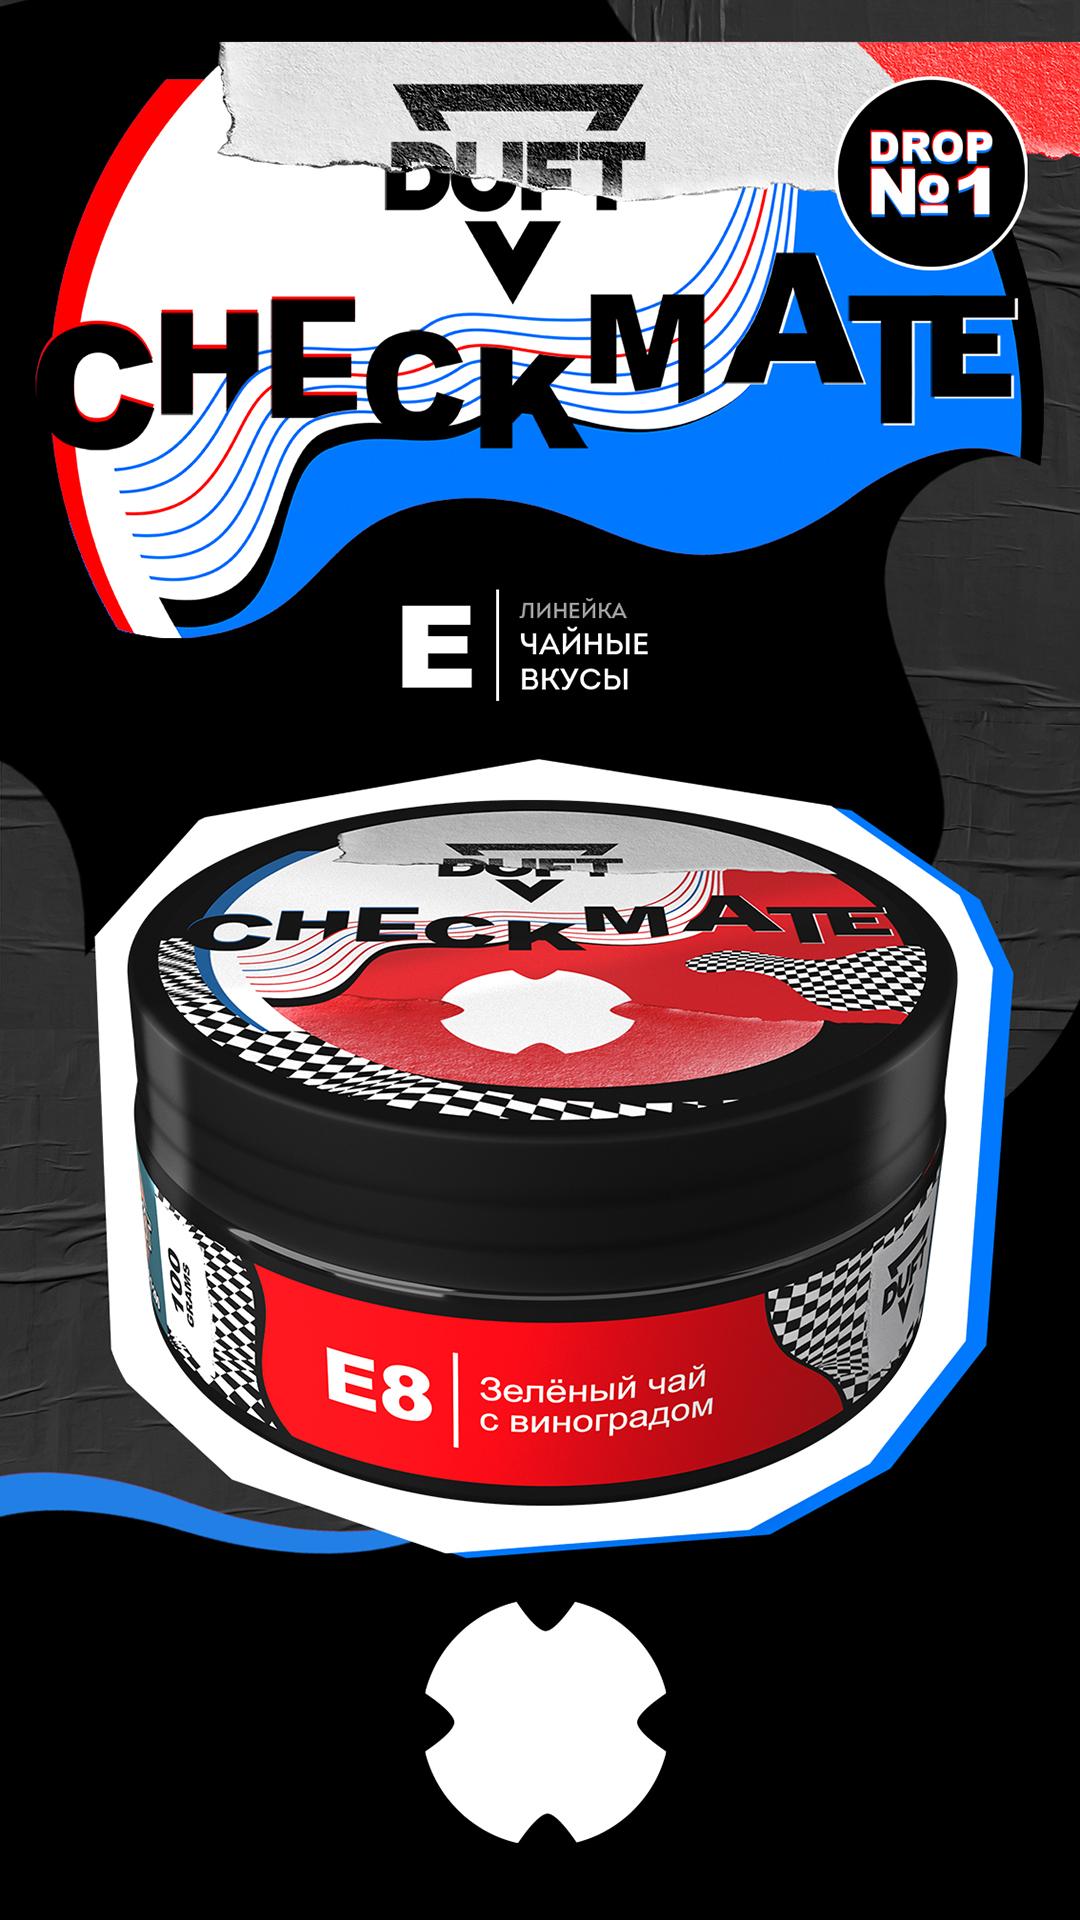 E8_дроп